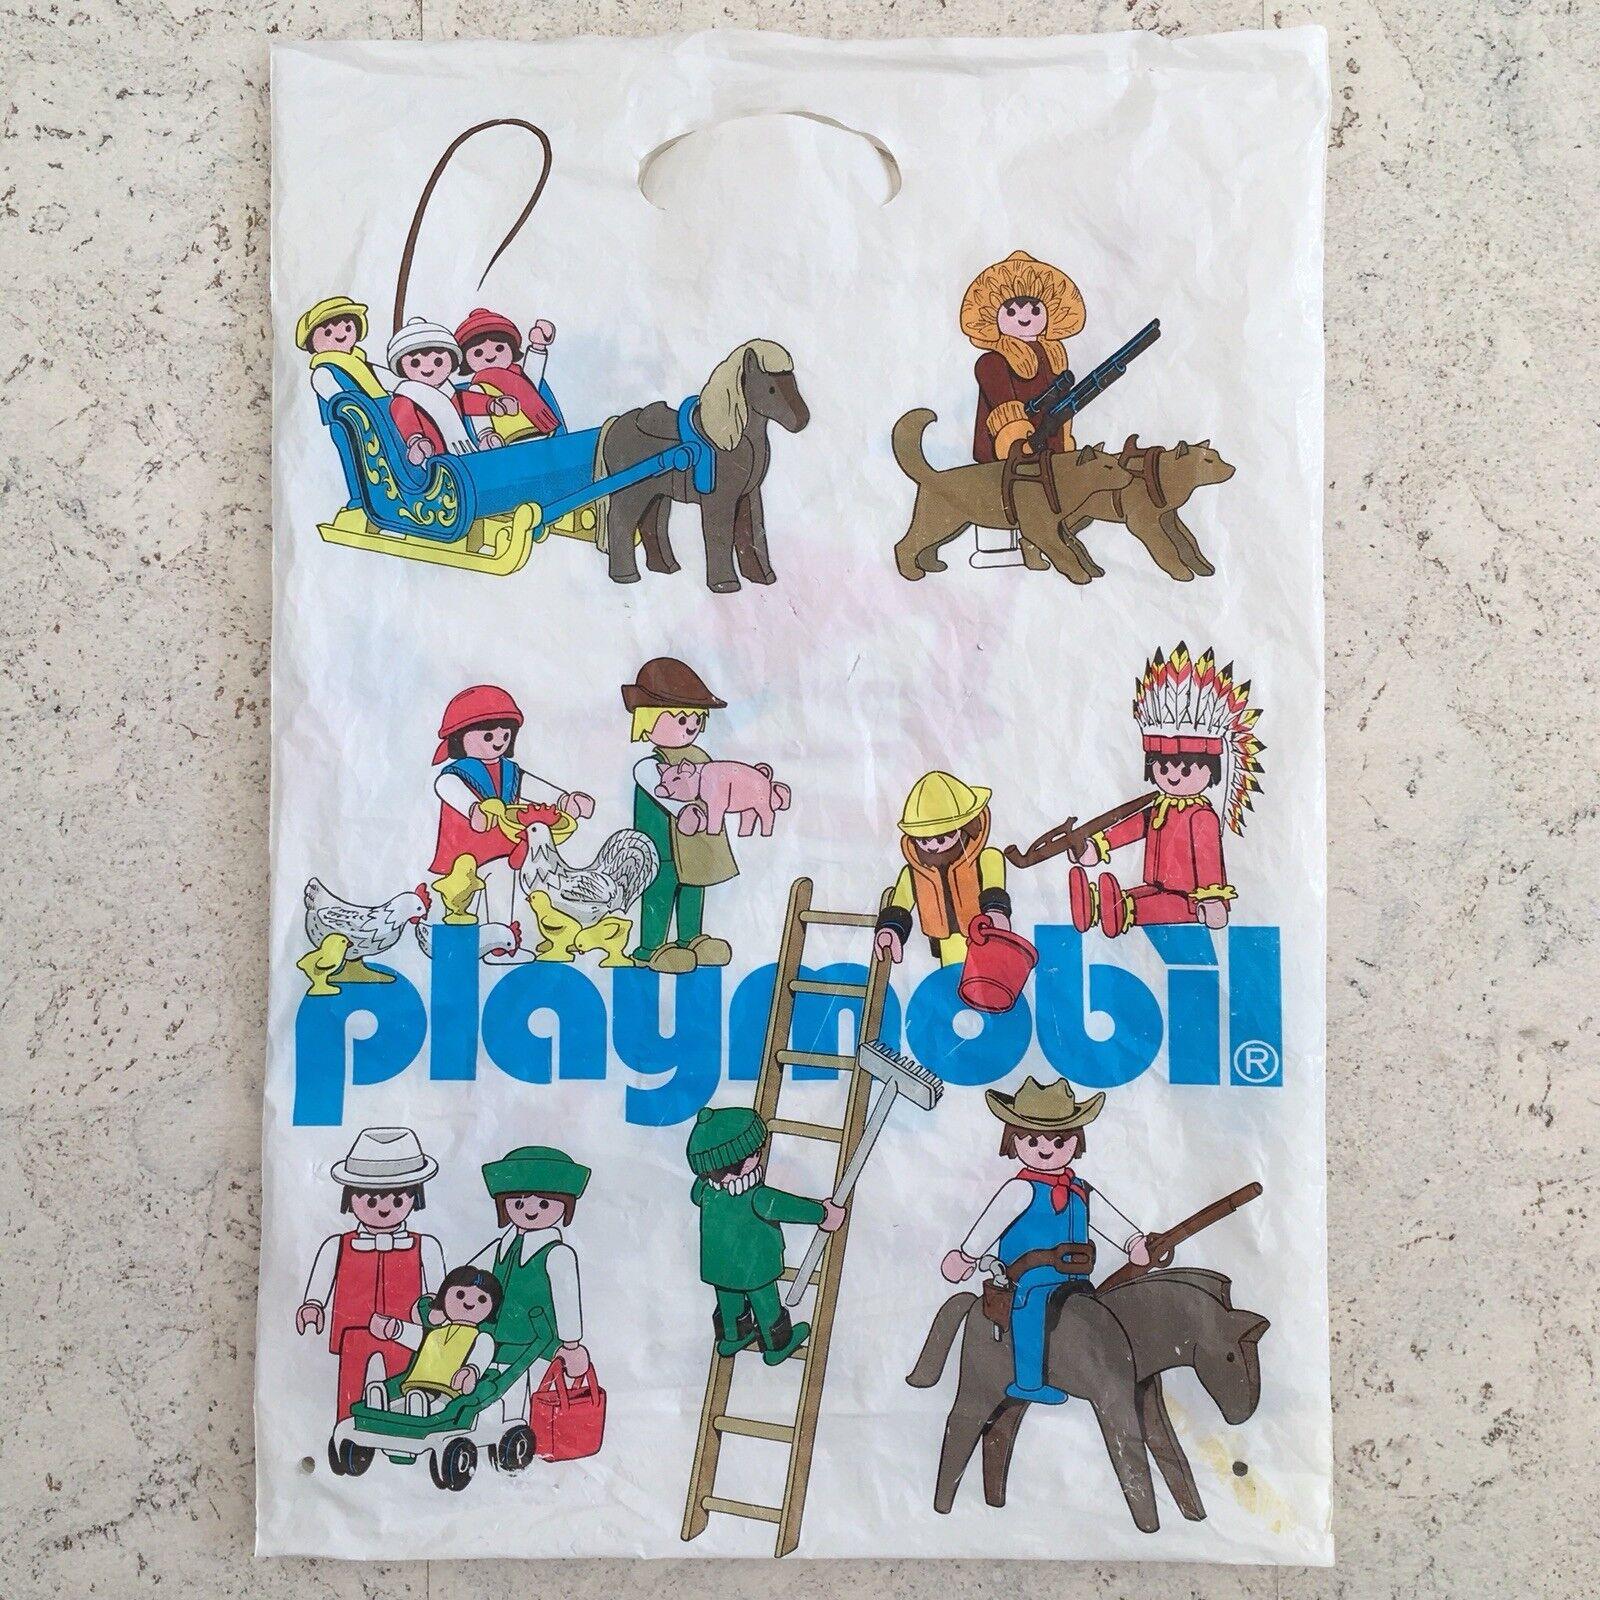 Vintage Playmobil plastique Shopping sac porte - 1980 S   promotionnel Merchandise